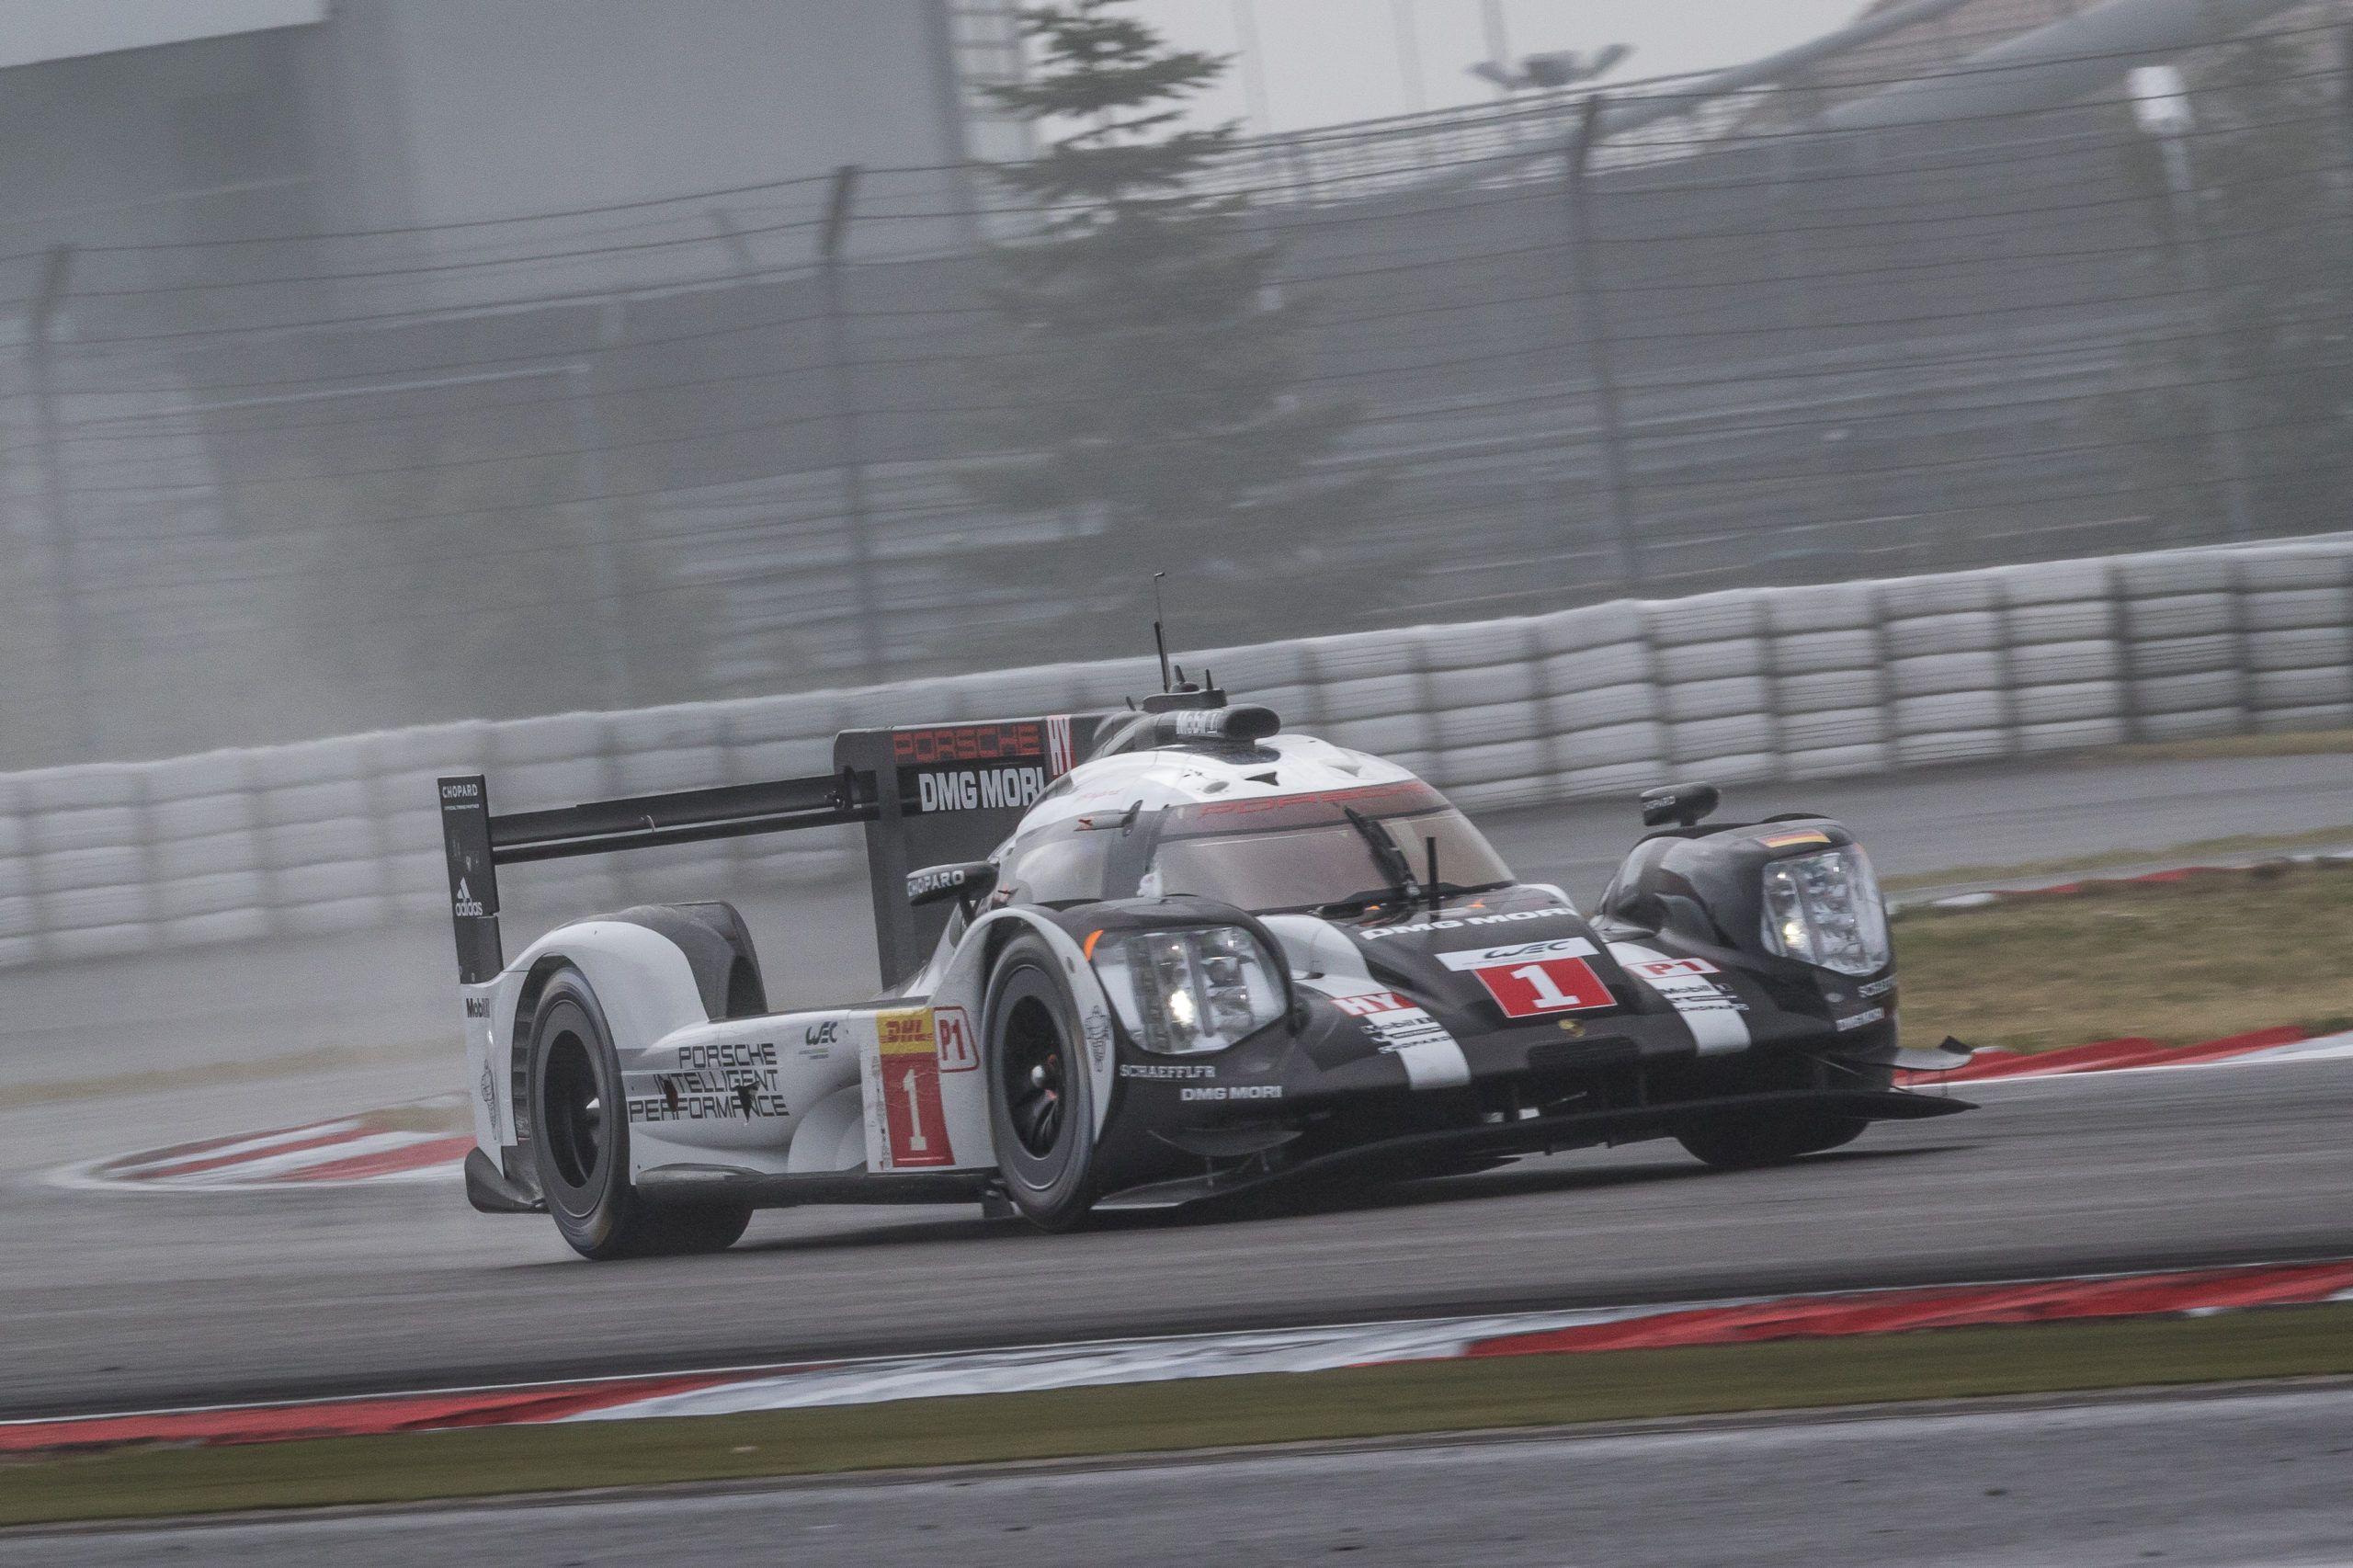 Porsche wins over Audi the 6h of Nürburgring - FormulaRapida.net